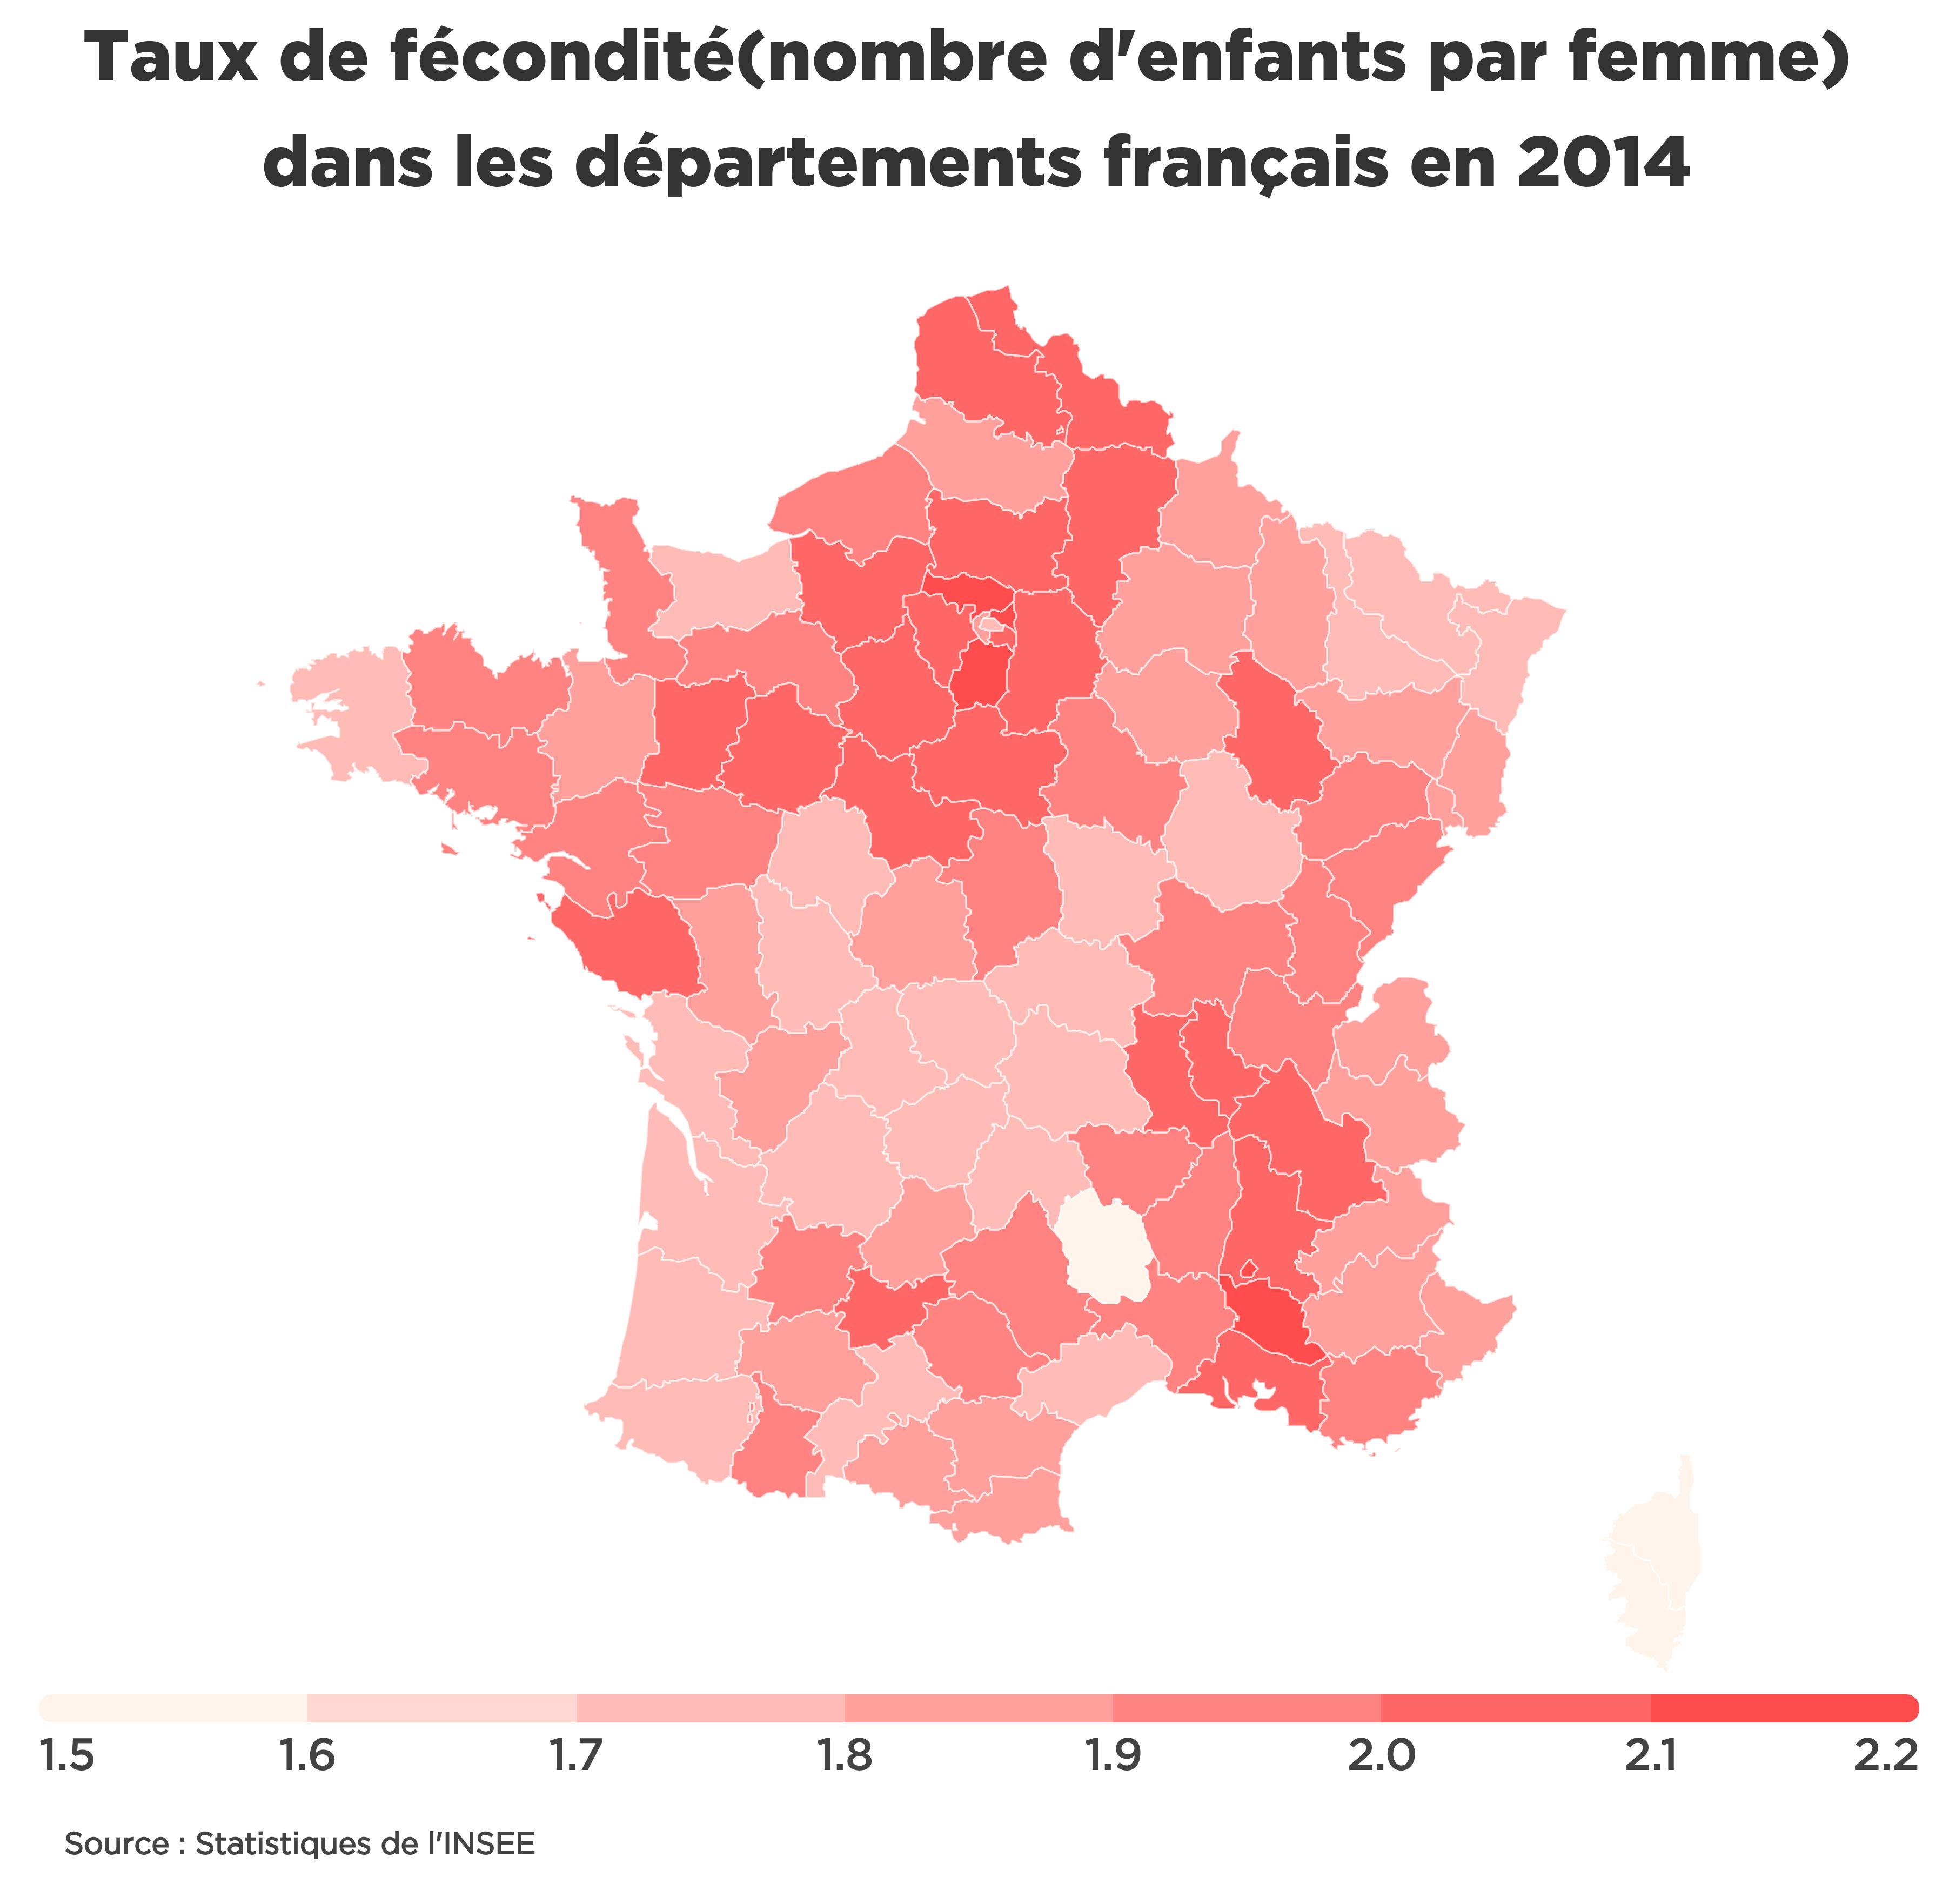 Infographie montrant différents taux de fécondité selon les départements